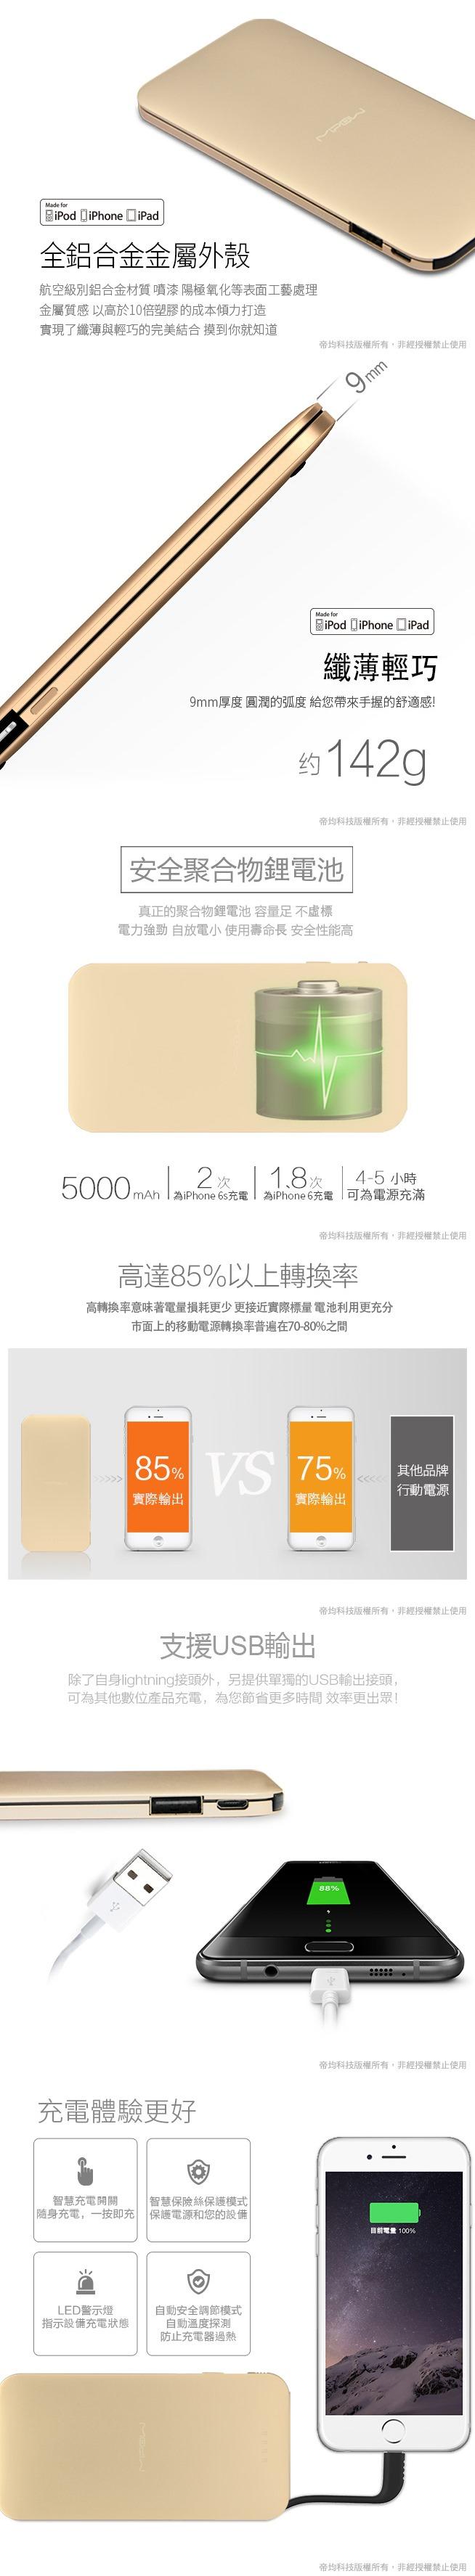 MiPOW|Power Cube 5000mah MFi認證 附線手提行動電源